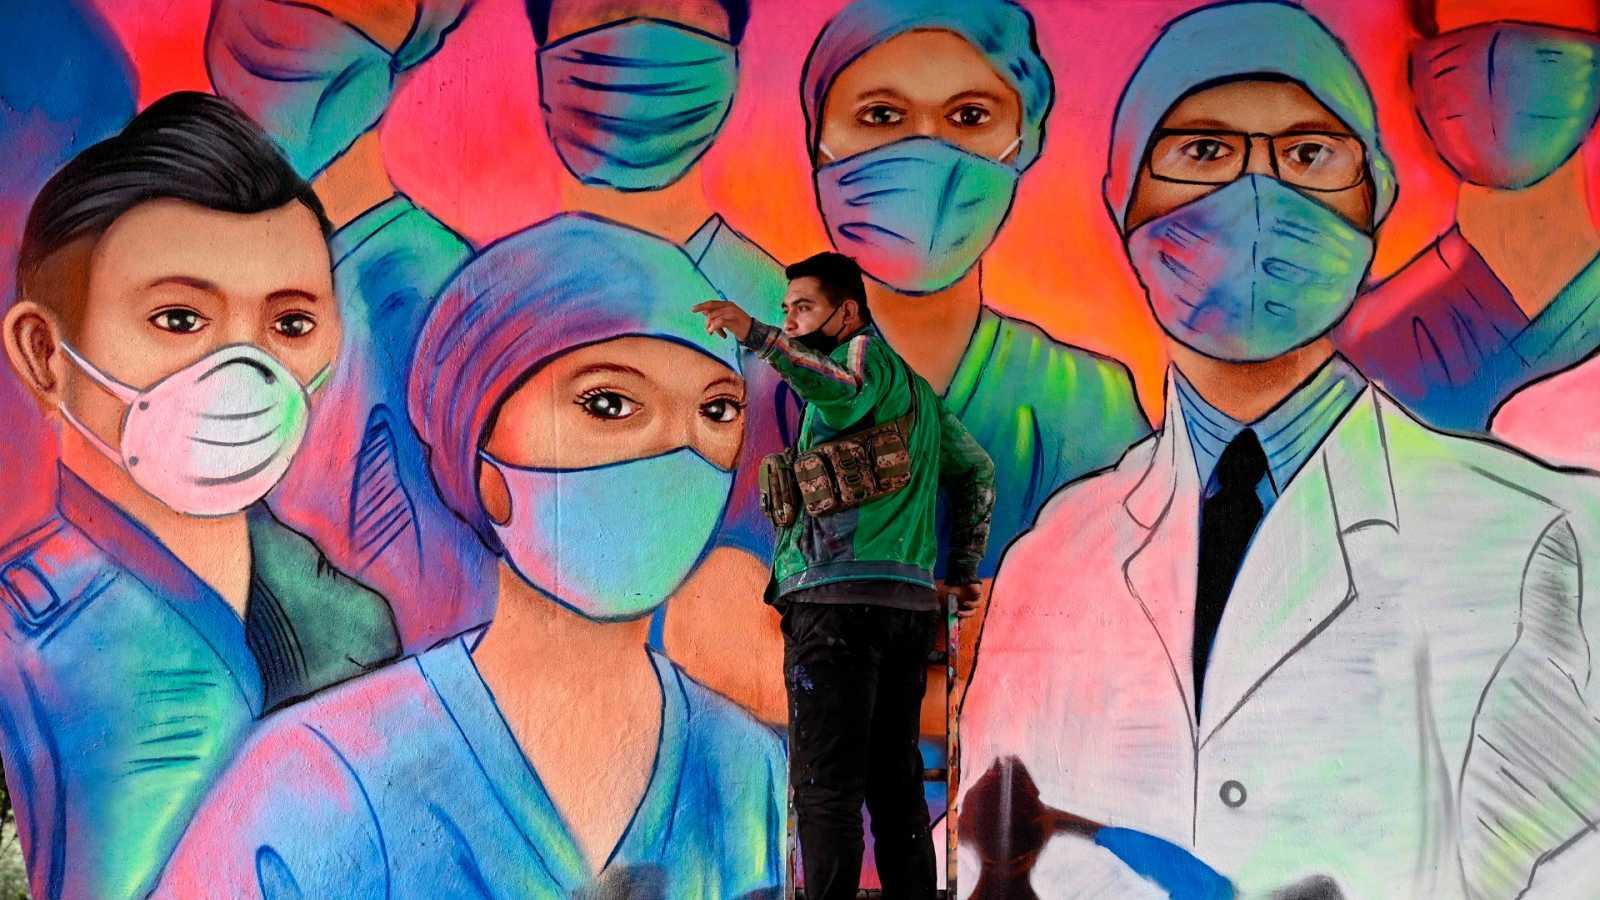 El mundo supera los 25 millones de casos de COVID-19